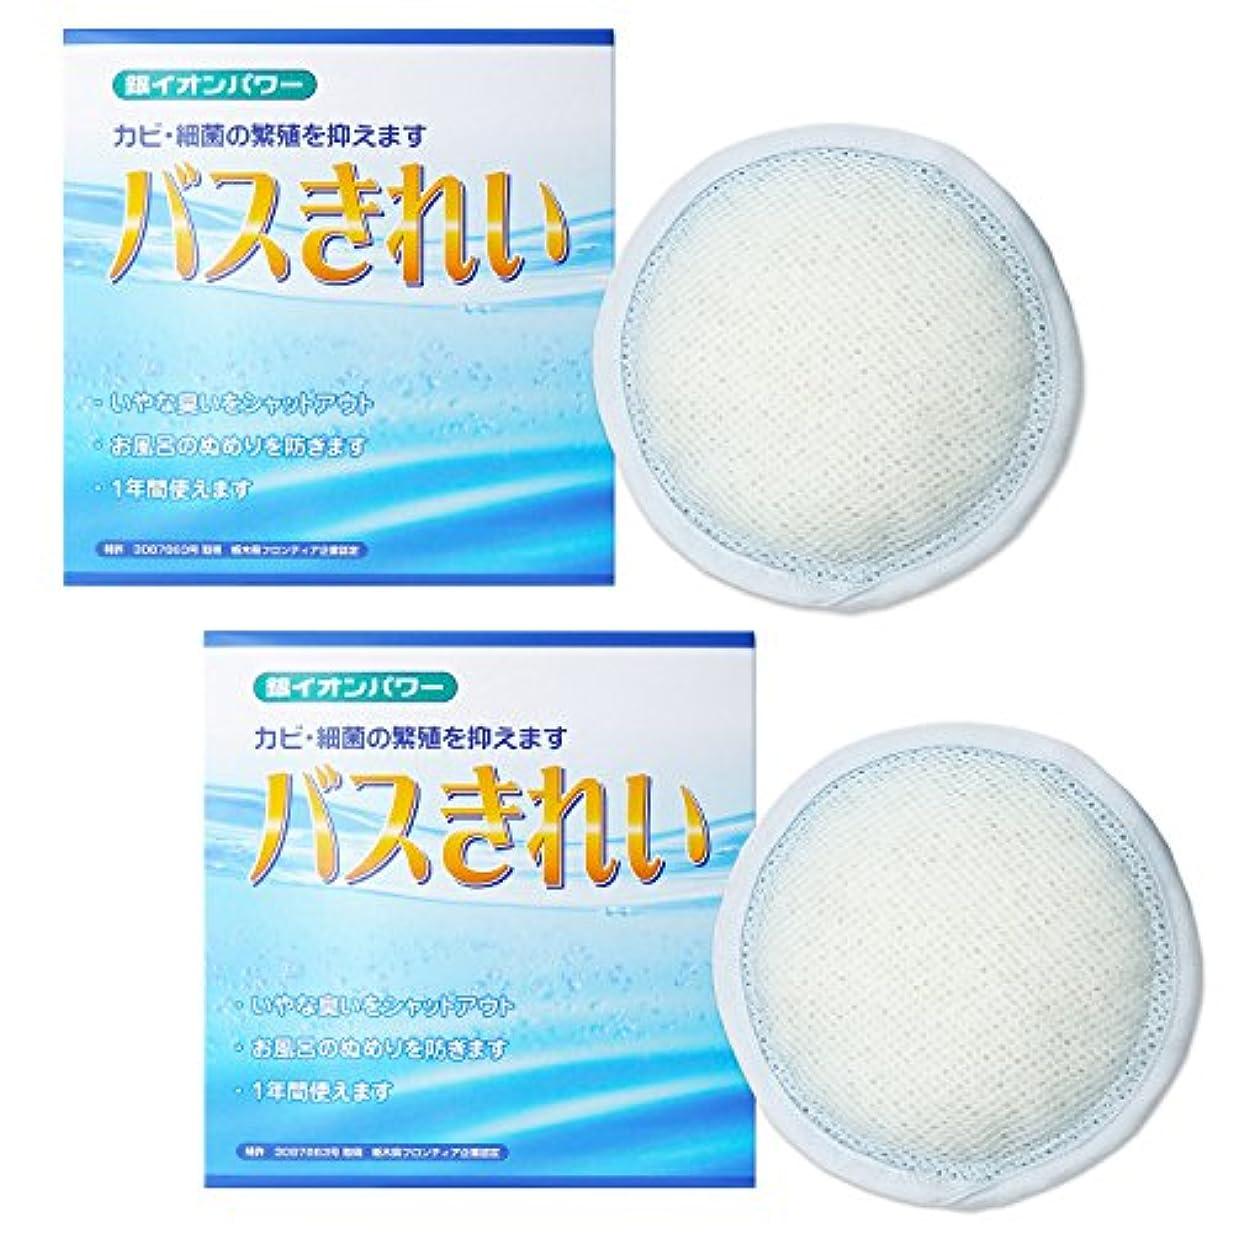 Ag+ 銀イオンパワー 【バスきれい 2個セット】 お風呂用銀イオン ポンと入れるだけ1年使えるエコ製品